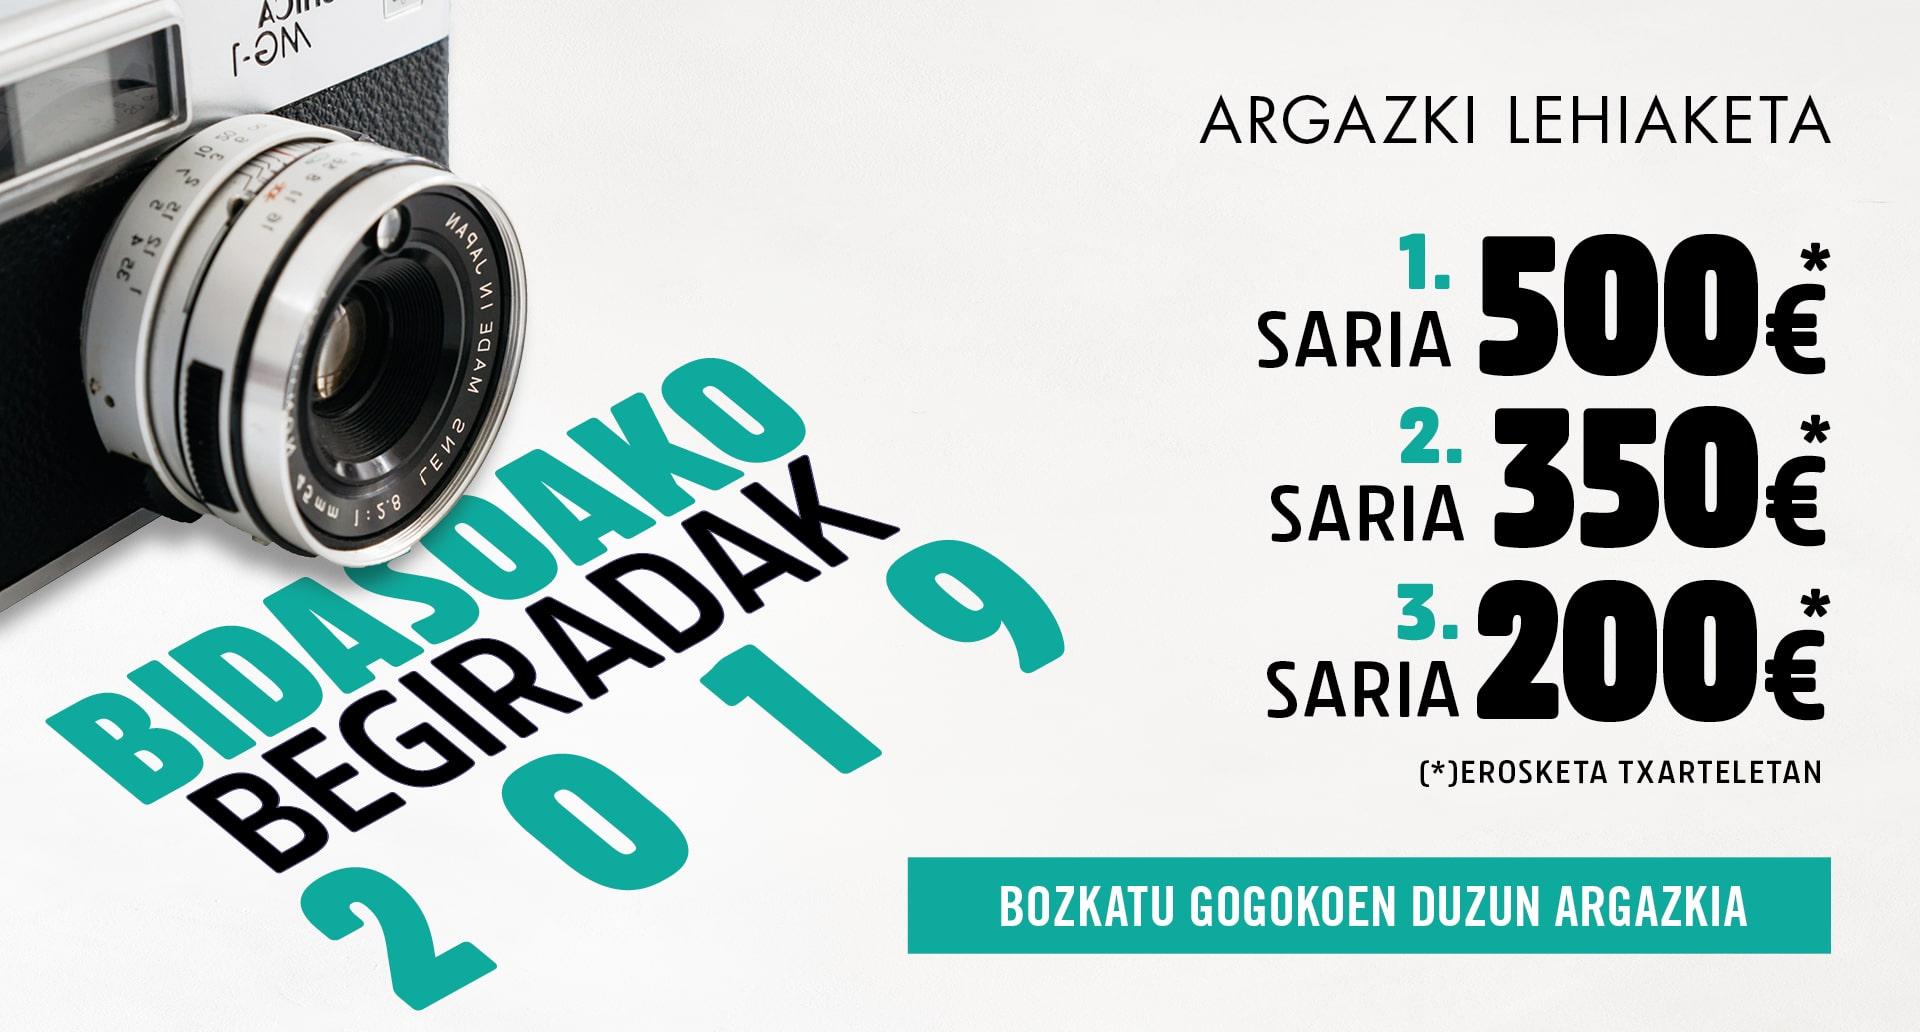 Dagoeneko bozka ditzakezu Bidasoako Begiradak lehiaketan parte hartu duten argazkien artean zure gogokoenak 2019